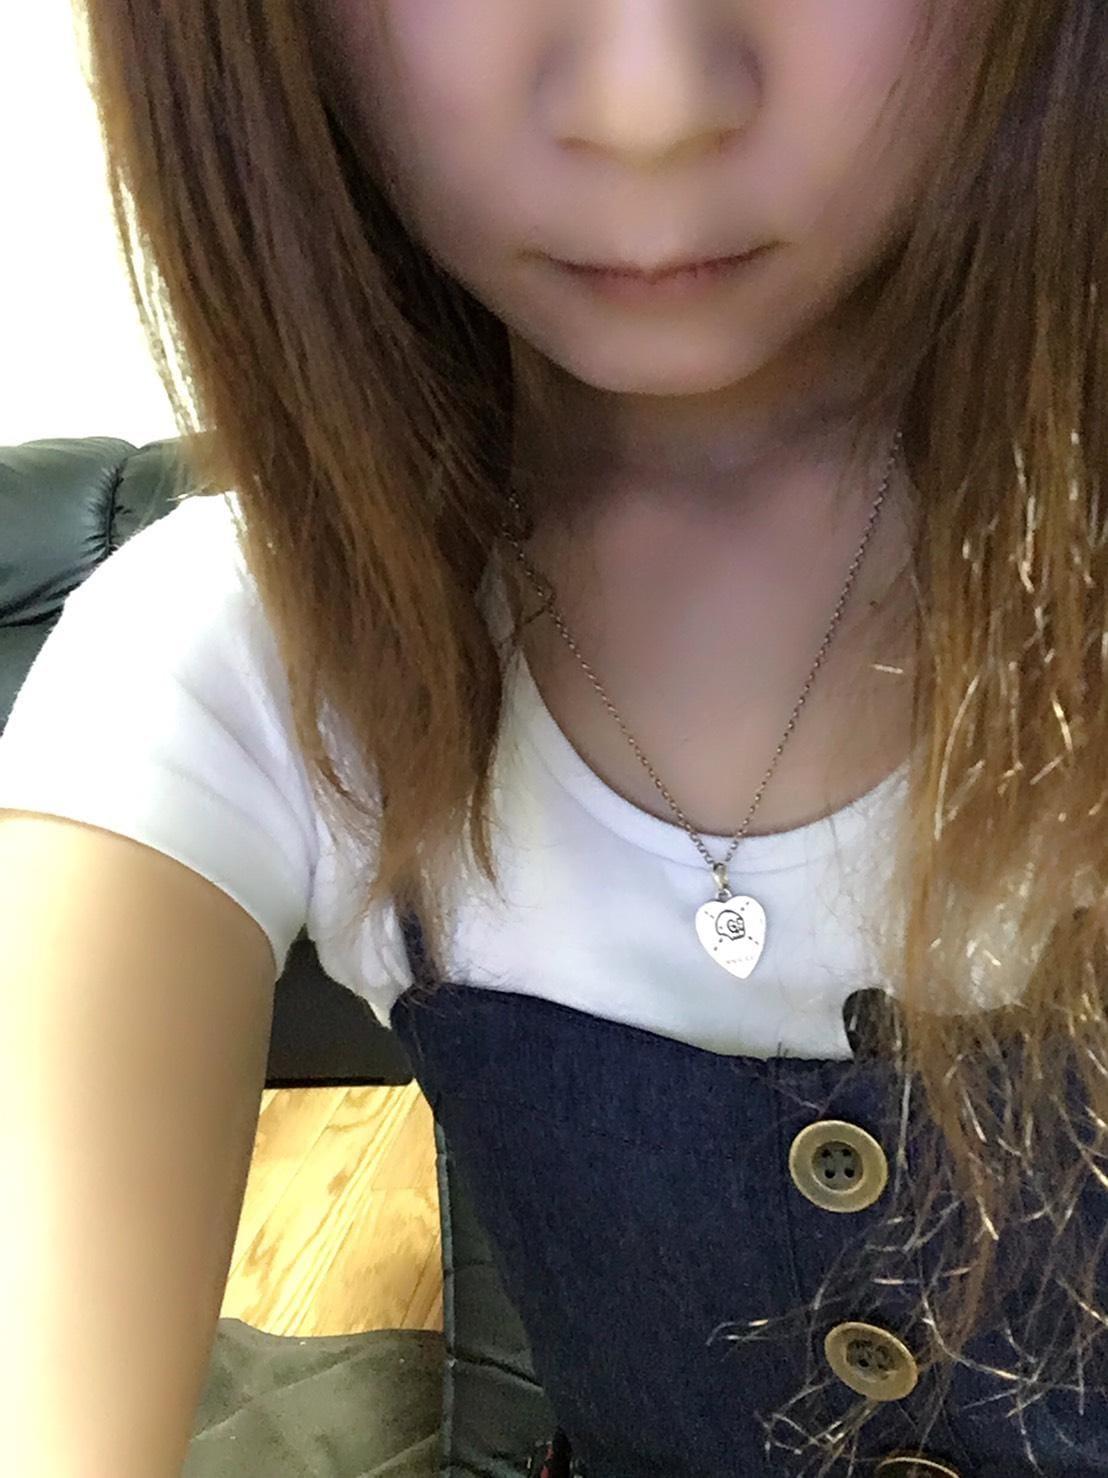 「はい、ひょっこりはん」05/26(05/26) 18:47 | HINA(ヒナ)の写メ・風俗動画